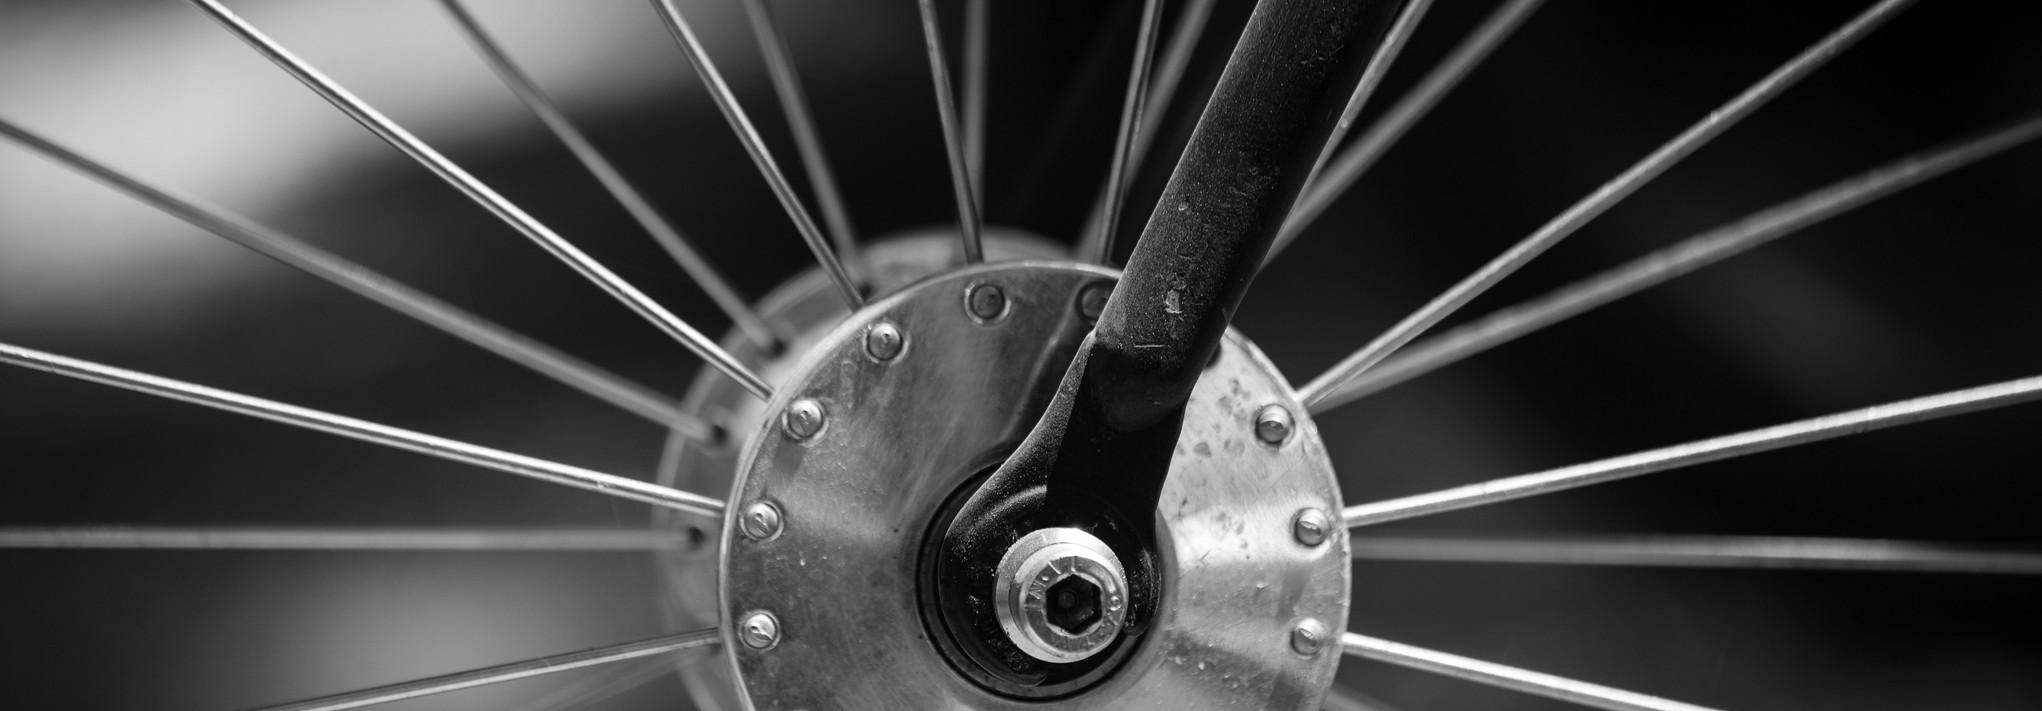 Le retour du vélo : une solution écologique